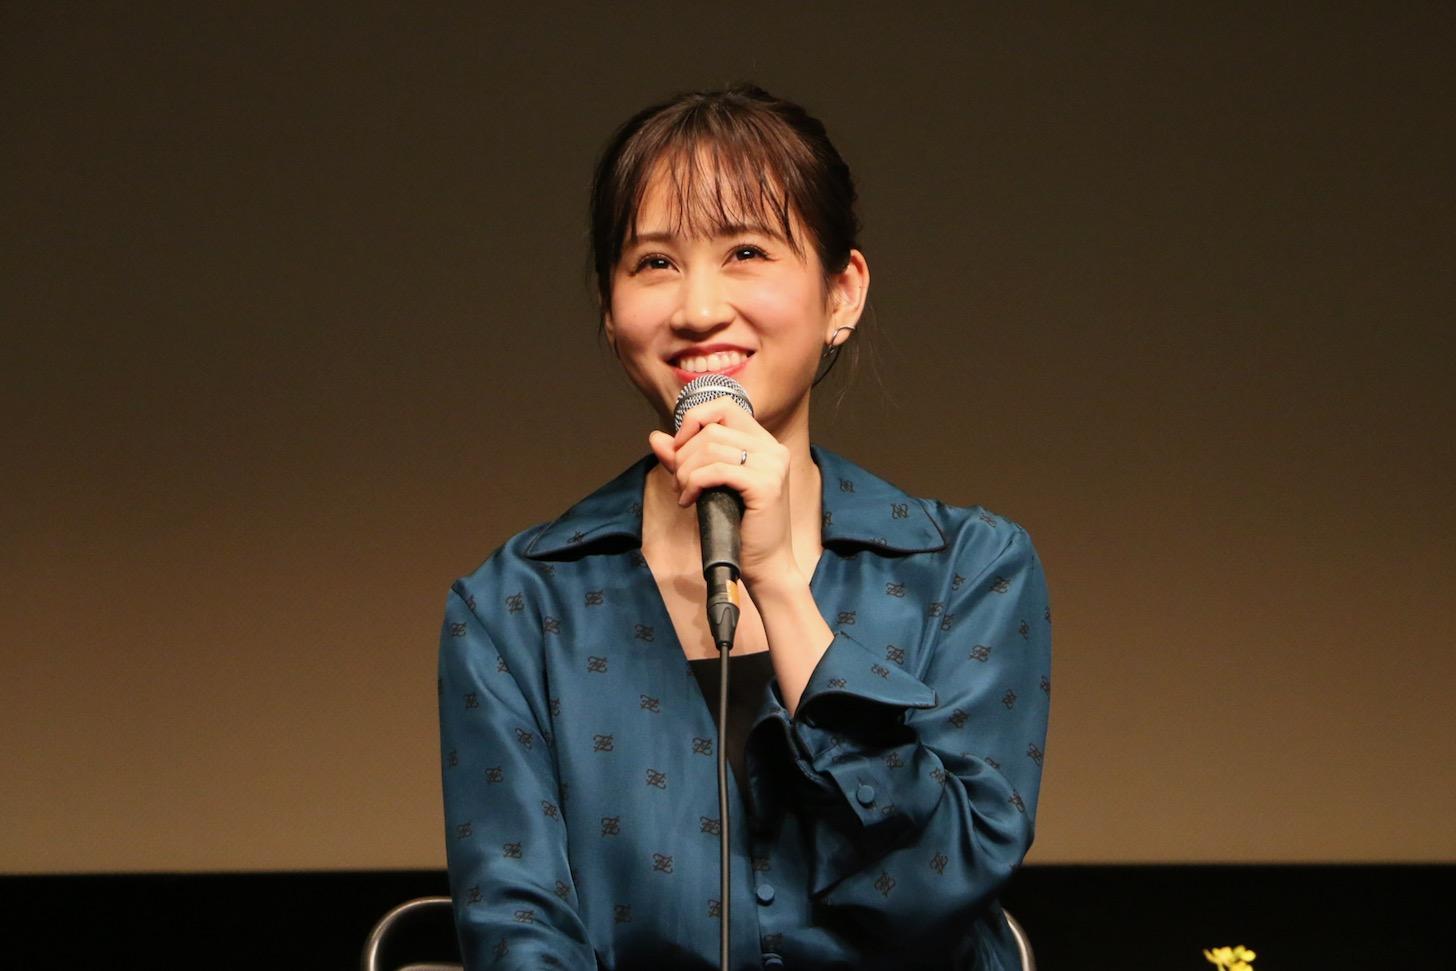 前田敦子さん 第29回映画祭TAMA CINEMA FORUM